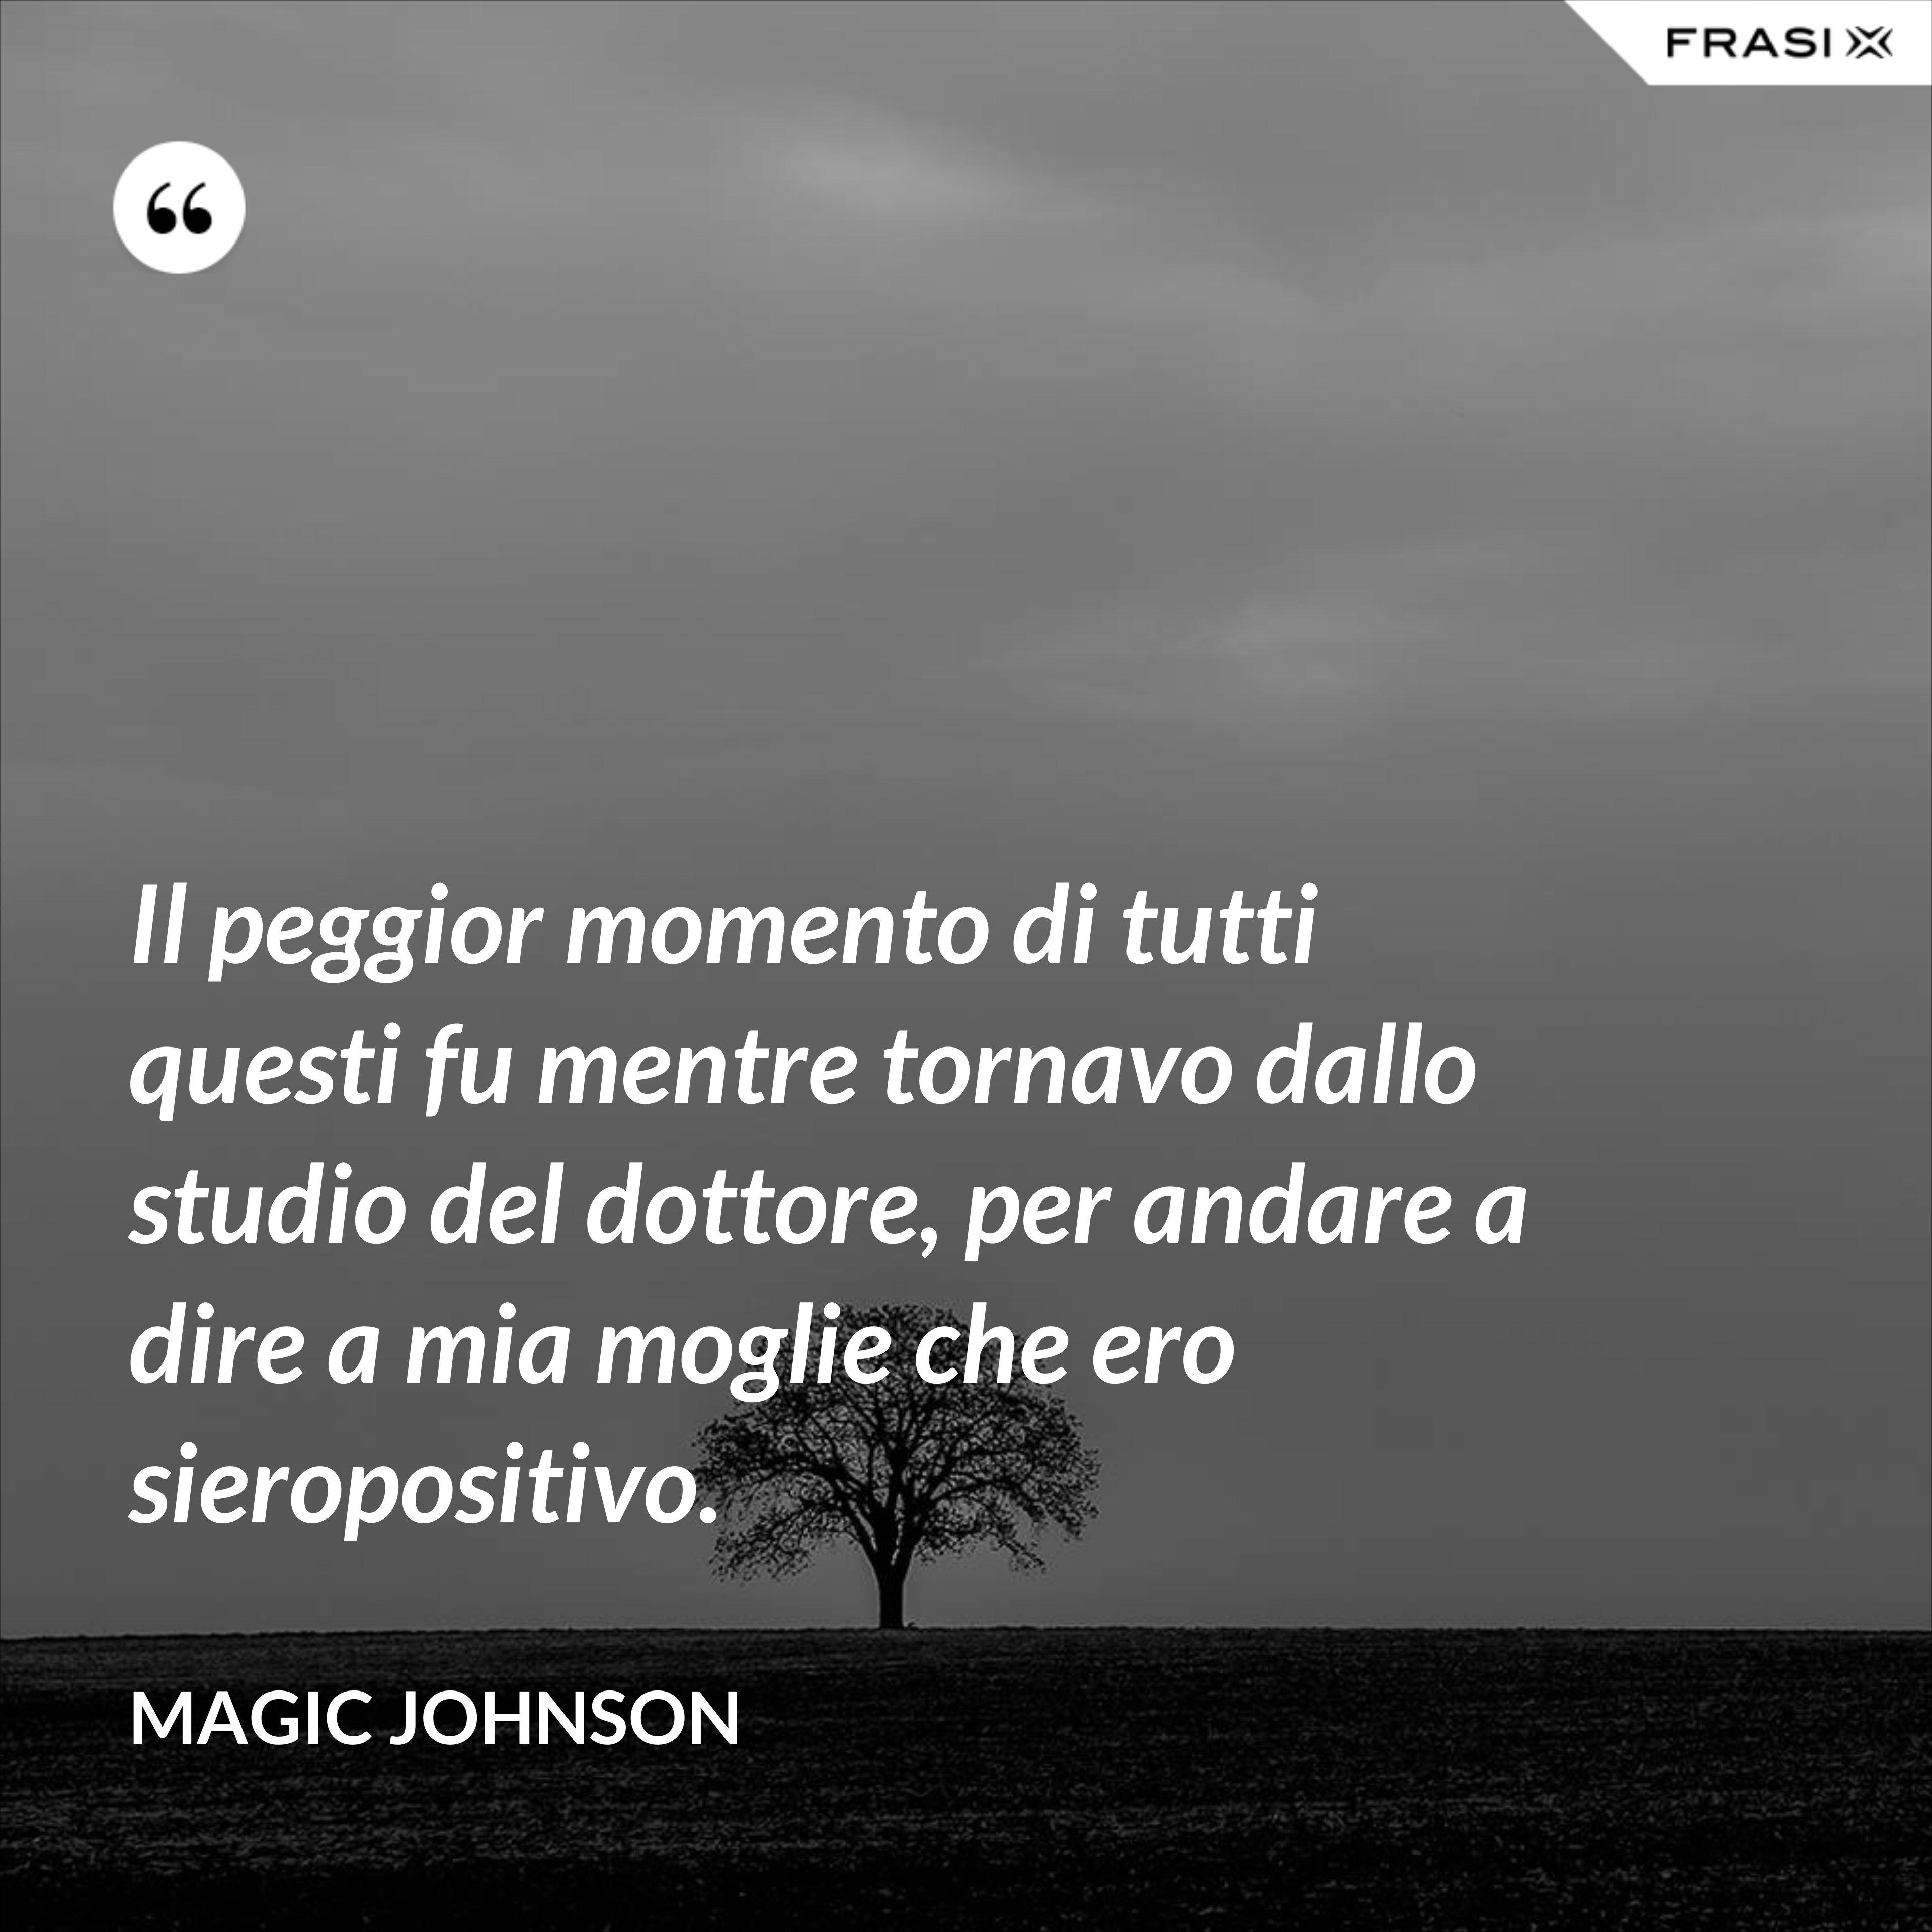 Il peggior momento di tutti questi fu mentre tornavo dallo studio del dottore, per andare a dire a mia moglie che ero sieropositivo. - Magic Johnson